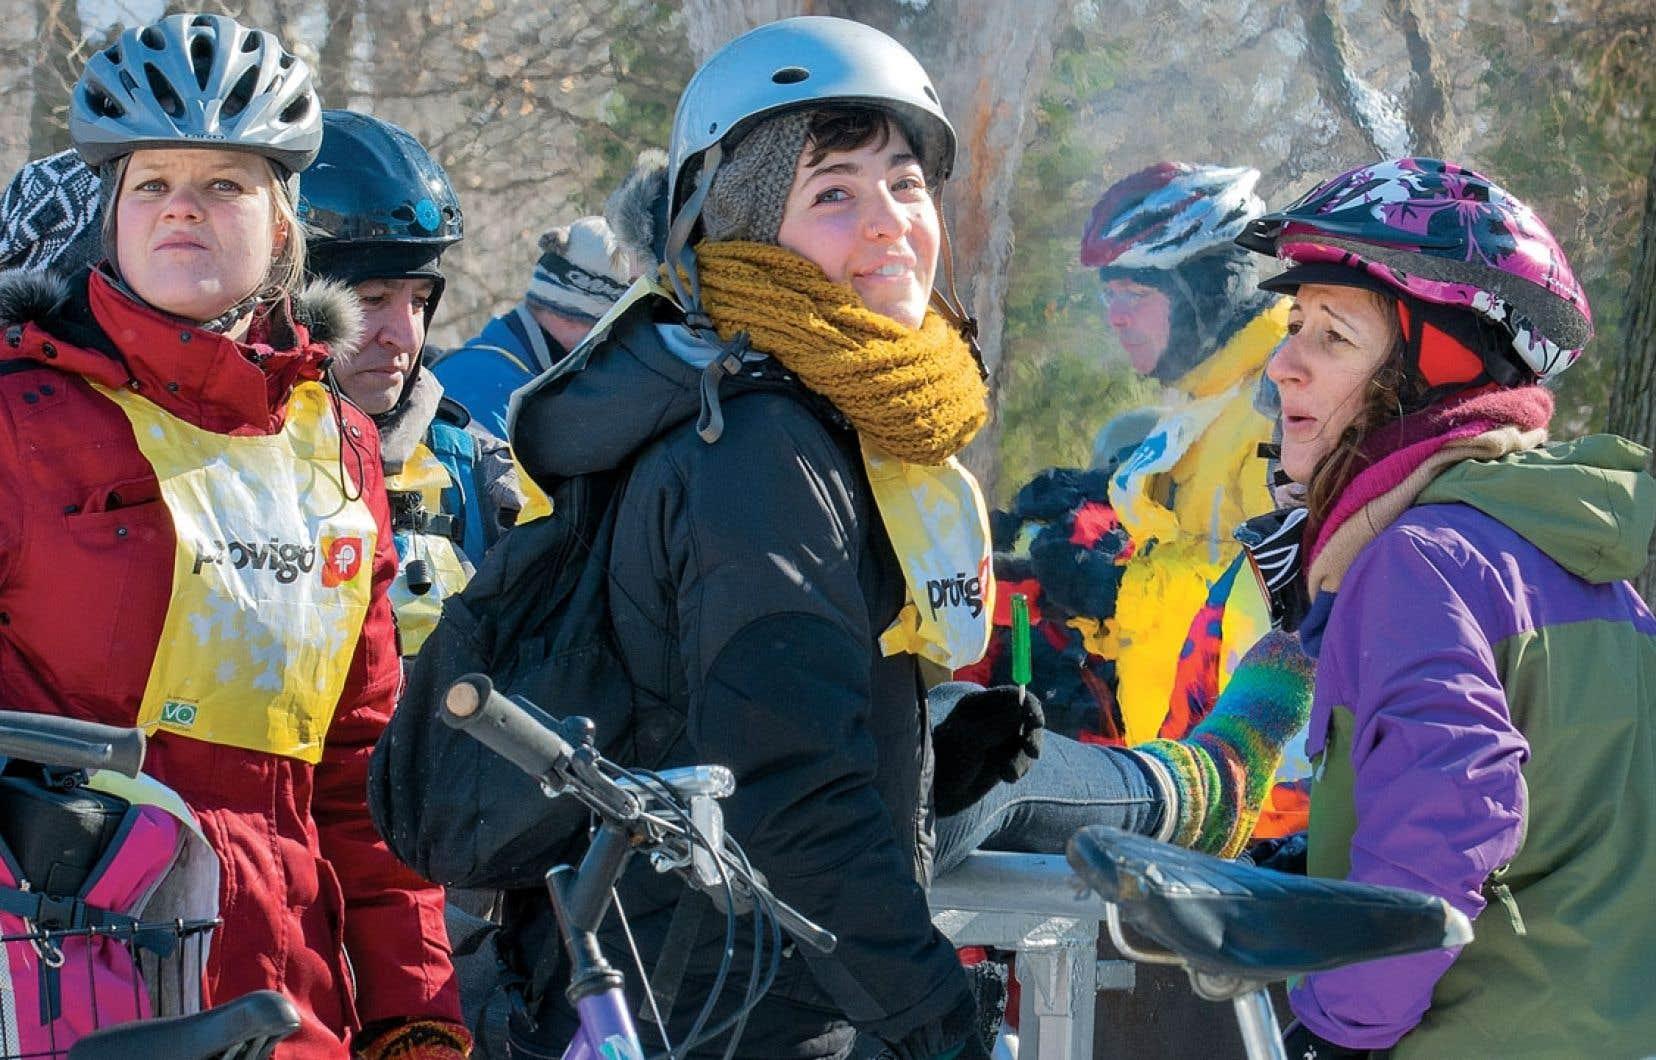 Plus de 500 cyclistes ont bravé le froid dimanche pour participer au premier grand rassemblement «Vélosous zéro.» Bien emmitouflés, ils ont fait un tour de 15 kilomètres à partir du parc La Fontaine à Montréal. Vélo Québec, qui organisait cette randonnée, en a profité pour annoncer que La Féria du vélo, qui a lieu au printemps, s'appellerait désormais le Festival Go vélo Montréal.